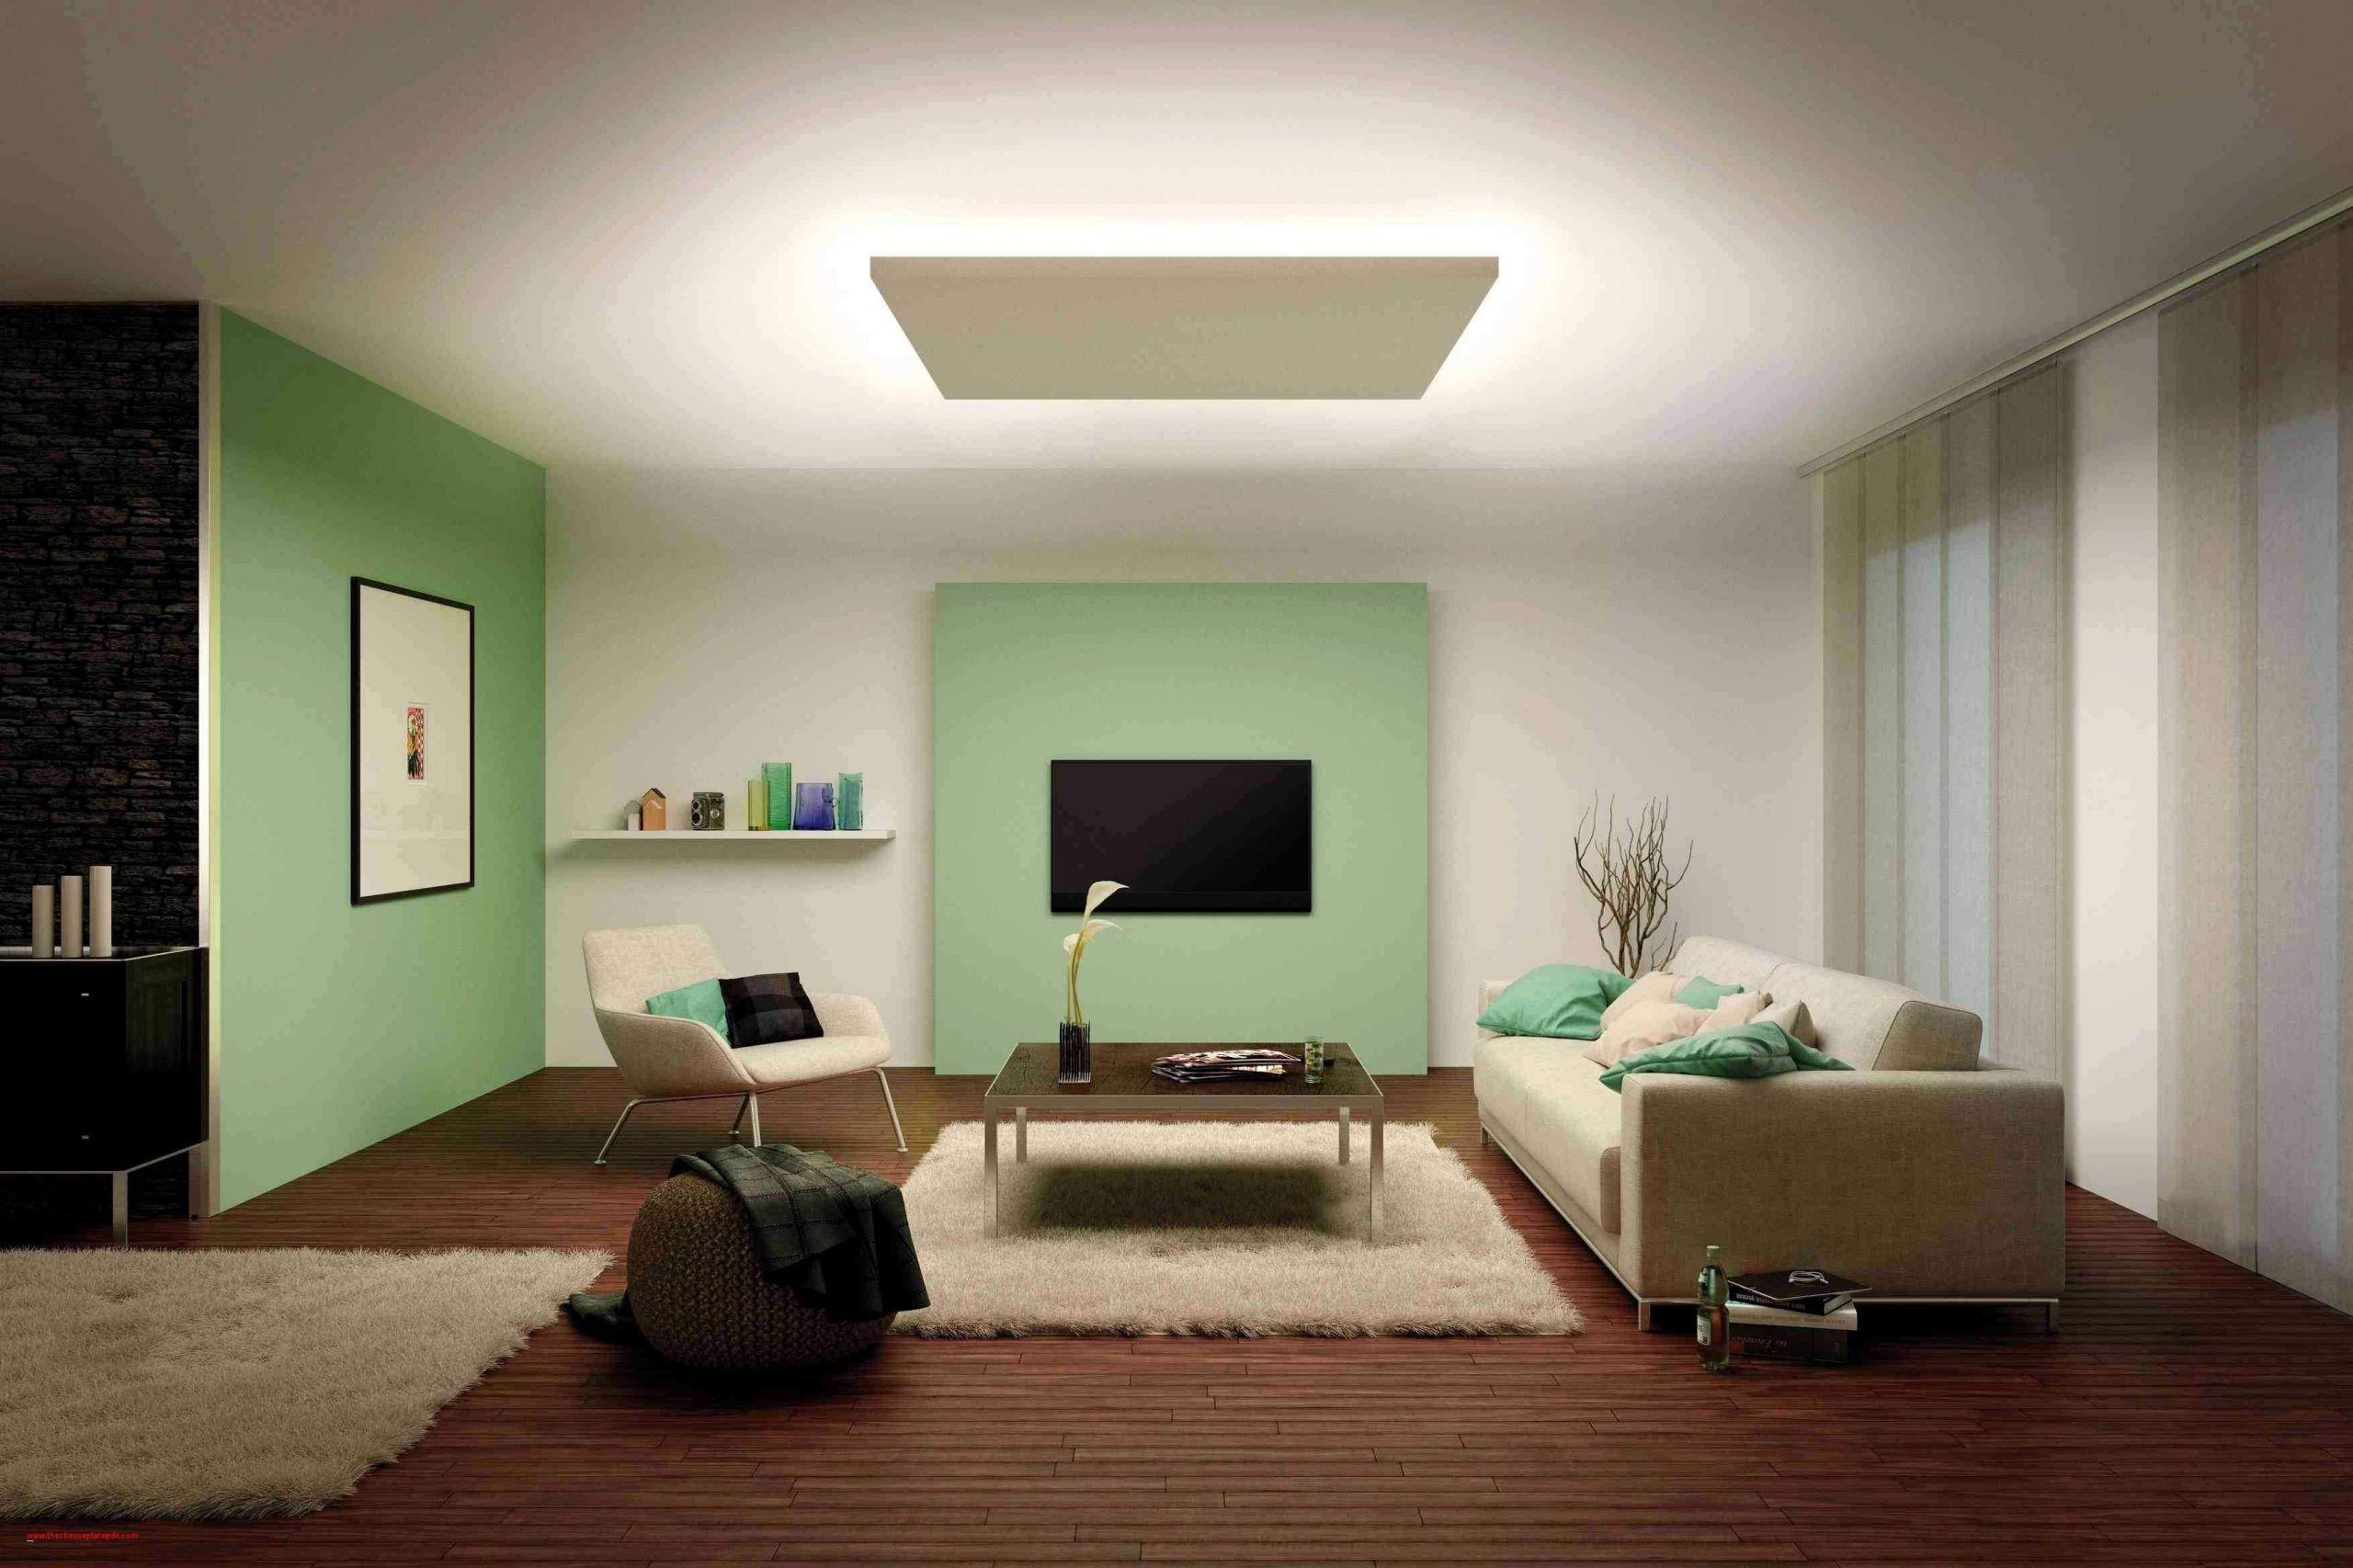 led lampe wohnzimmer elegant wohnzimmer licht einzigartig wohnzimmer lampen design 0d of led lampe wohnzimmer